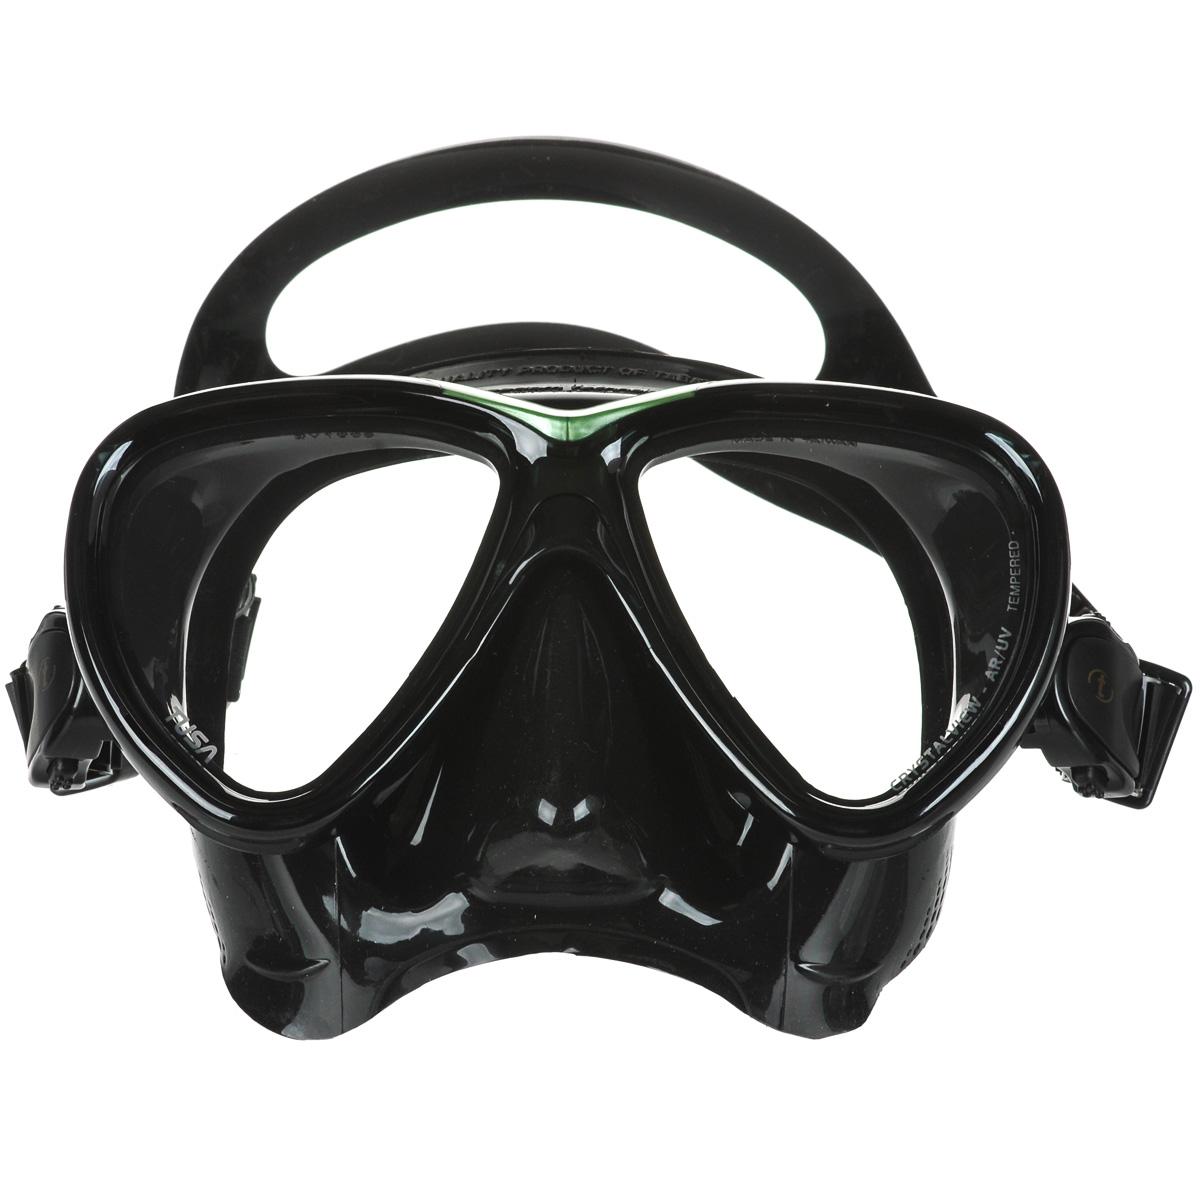 Маска для плавания Tusa Freedom One Pro, цвет: черный, зеленыйTS M-211SQB BK/SGНовинка 2013 года.От обычной маски Freedom One серия Pro отличается линзами CrystalView AR/UV с антибликовым и УФ-защитным покрытием.Линзы с антибликовым покрытием значительно уменьшают количество отраженного света, в результате картинка становится более яркой, красочной и контрастной. Особая UV обработка этих линз обеспечивает 100% защиту от ультрафиолета UVA и UVB, блокируя спектр излучения до 400 нм.В маске применен ряд новых революционных технологий, обеспечивающих комфорт и прилегание маски к лицу. Ячеистая структура обтюратора переменной величины и диаметра в районе скул и по краям лба делают его более мягким и эластичным, что обеспечивает лучшее прилегании и уменьшает вероятность протекания.Переменная толщина силикона обтюратора в районе рта и нижней части носа делают процесс использования трубки максимально комфортным.Обтюратор по линии соприкосновения с кожей имеет поверхность пониженного трения и большую площадь соприкосновения с кожей.В данной маске применена недавно разработанная низкопрофильная пряжка, которая крепится прямо к силиконовому обтюратору.В результате получается компактная, легкая и технологически более совершенная модель маски, которую можно просто и быстро настроить под себя, добившись оптимального прилегания. Характеристики: Цвет: черный, зеленый. Ширина оправы маски: 15,5 см. Размер упаковки: 20 см x 10,5 см x 11 см. Материал: силикон, стекло, пластик. Артикул: TS M-211SQB BK/SG.Производитель: Тайвань.